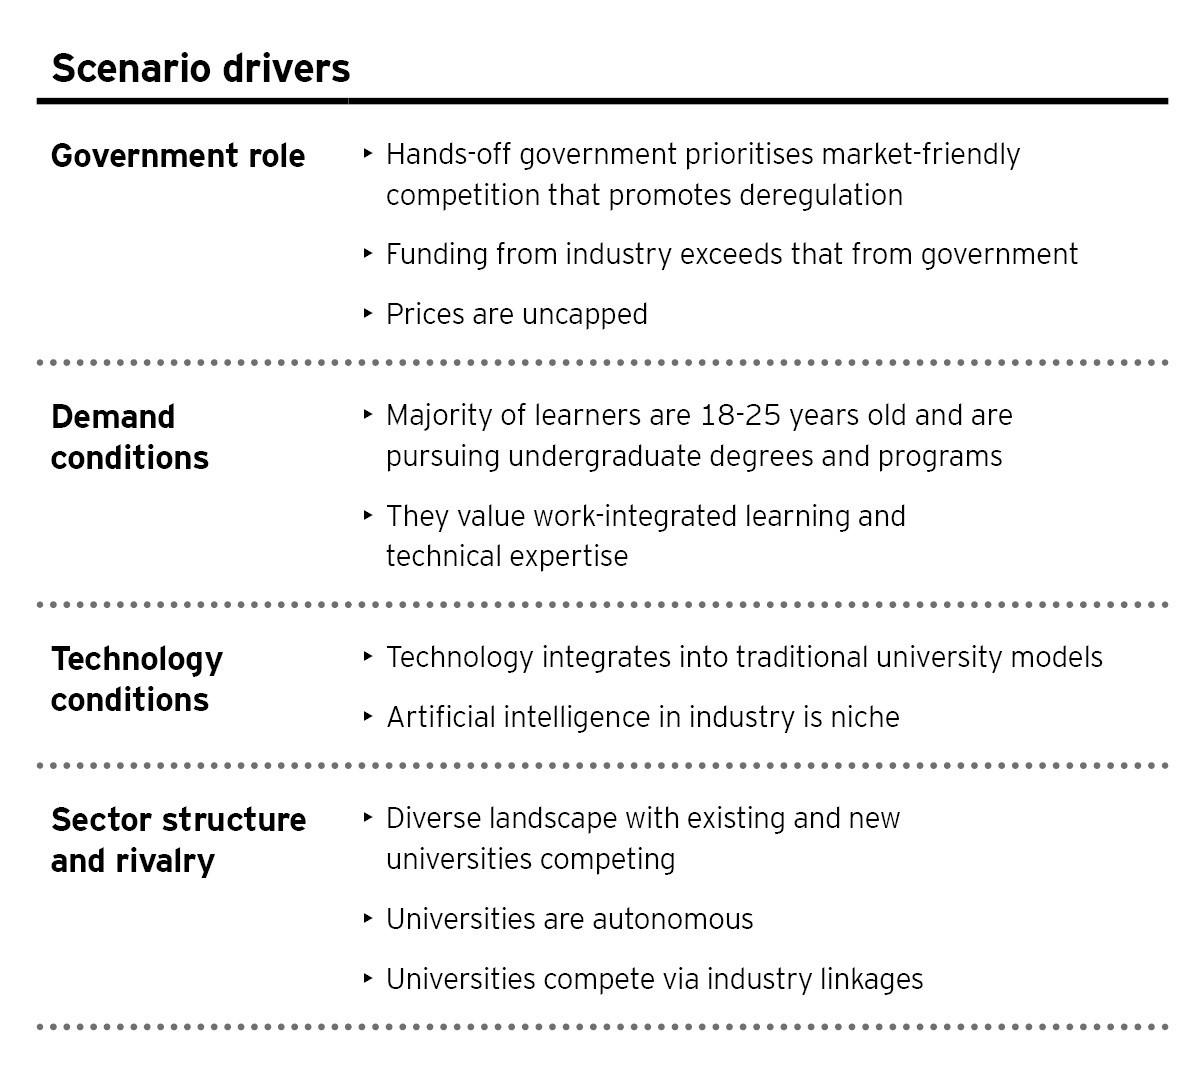 EY - Scenario 2: Commercial University